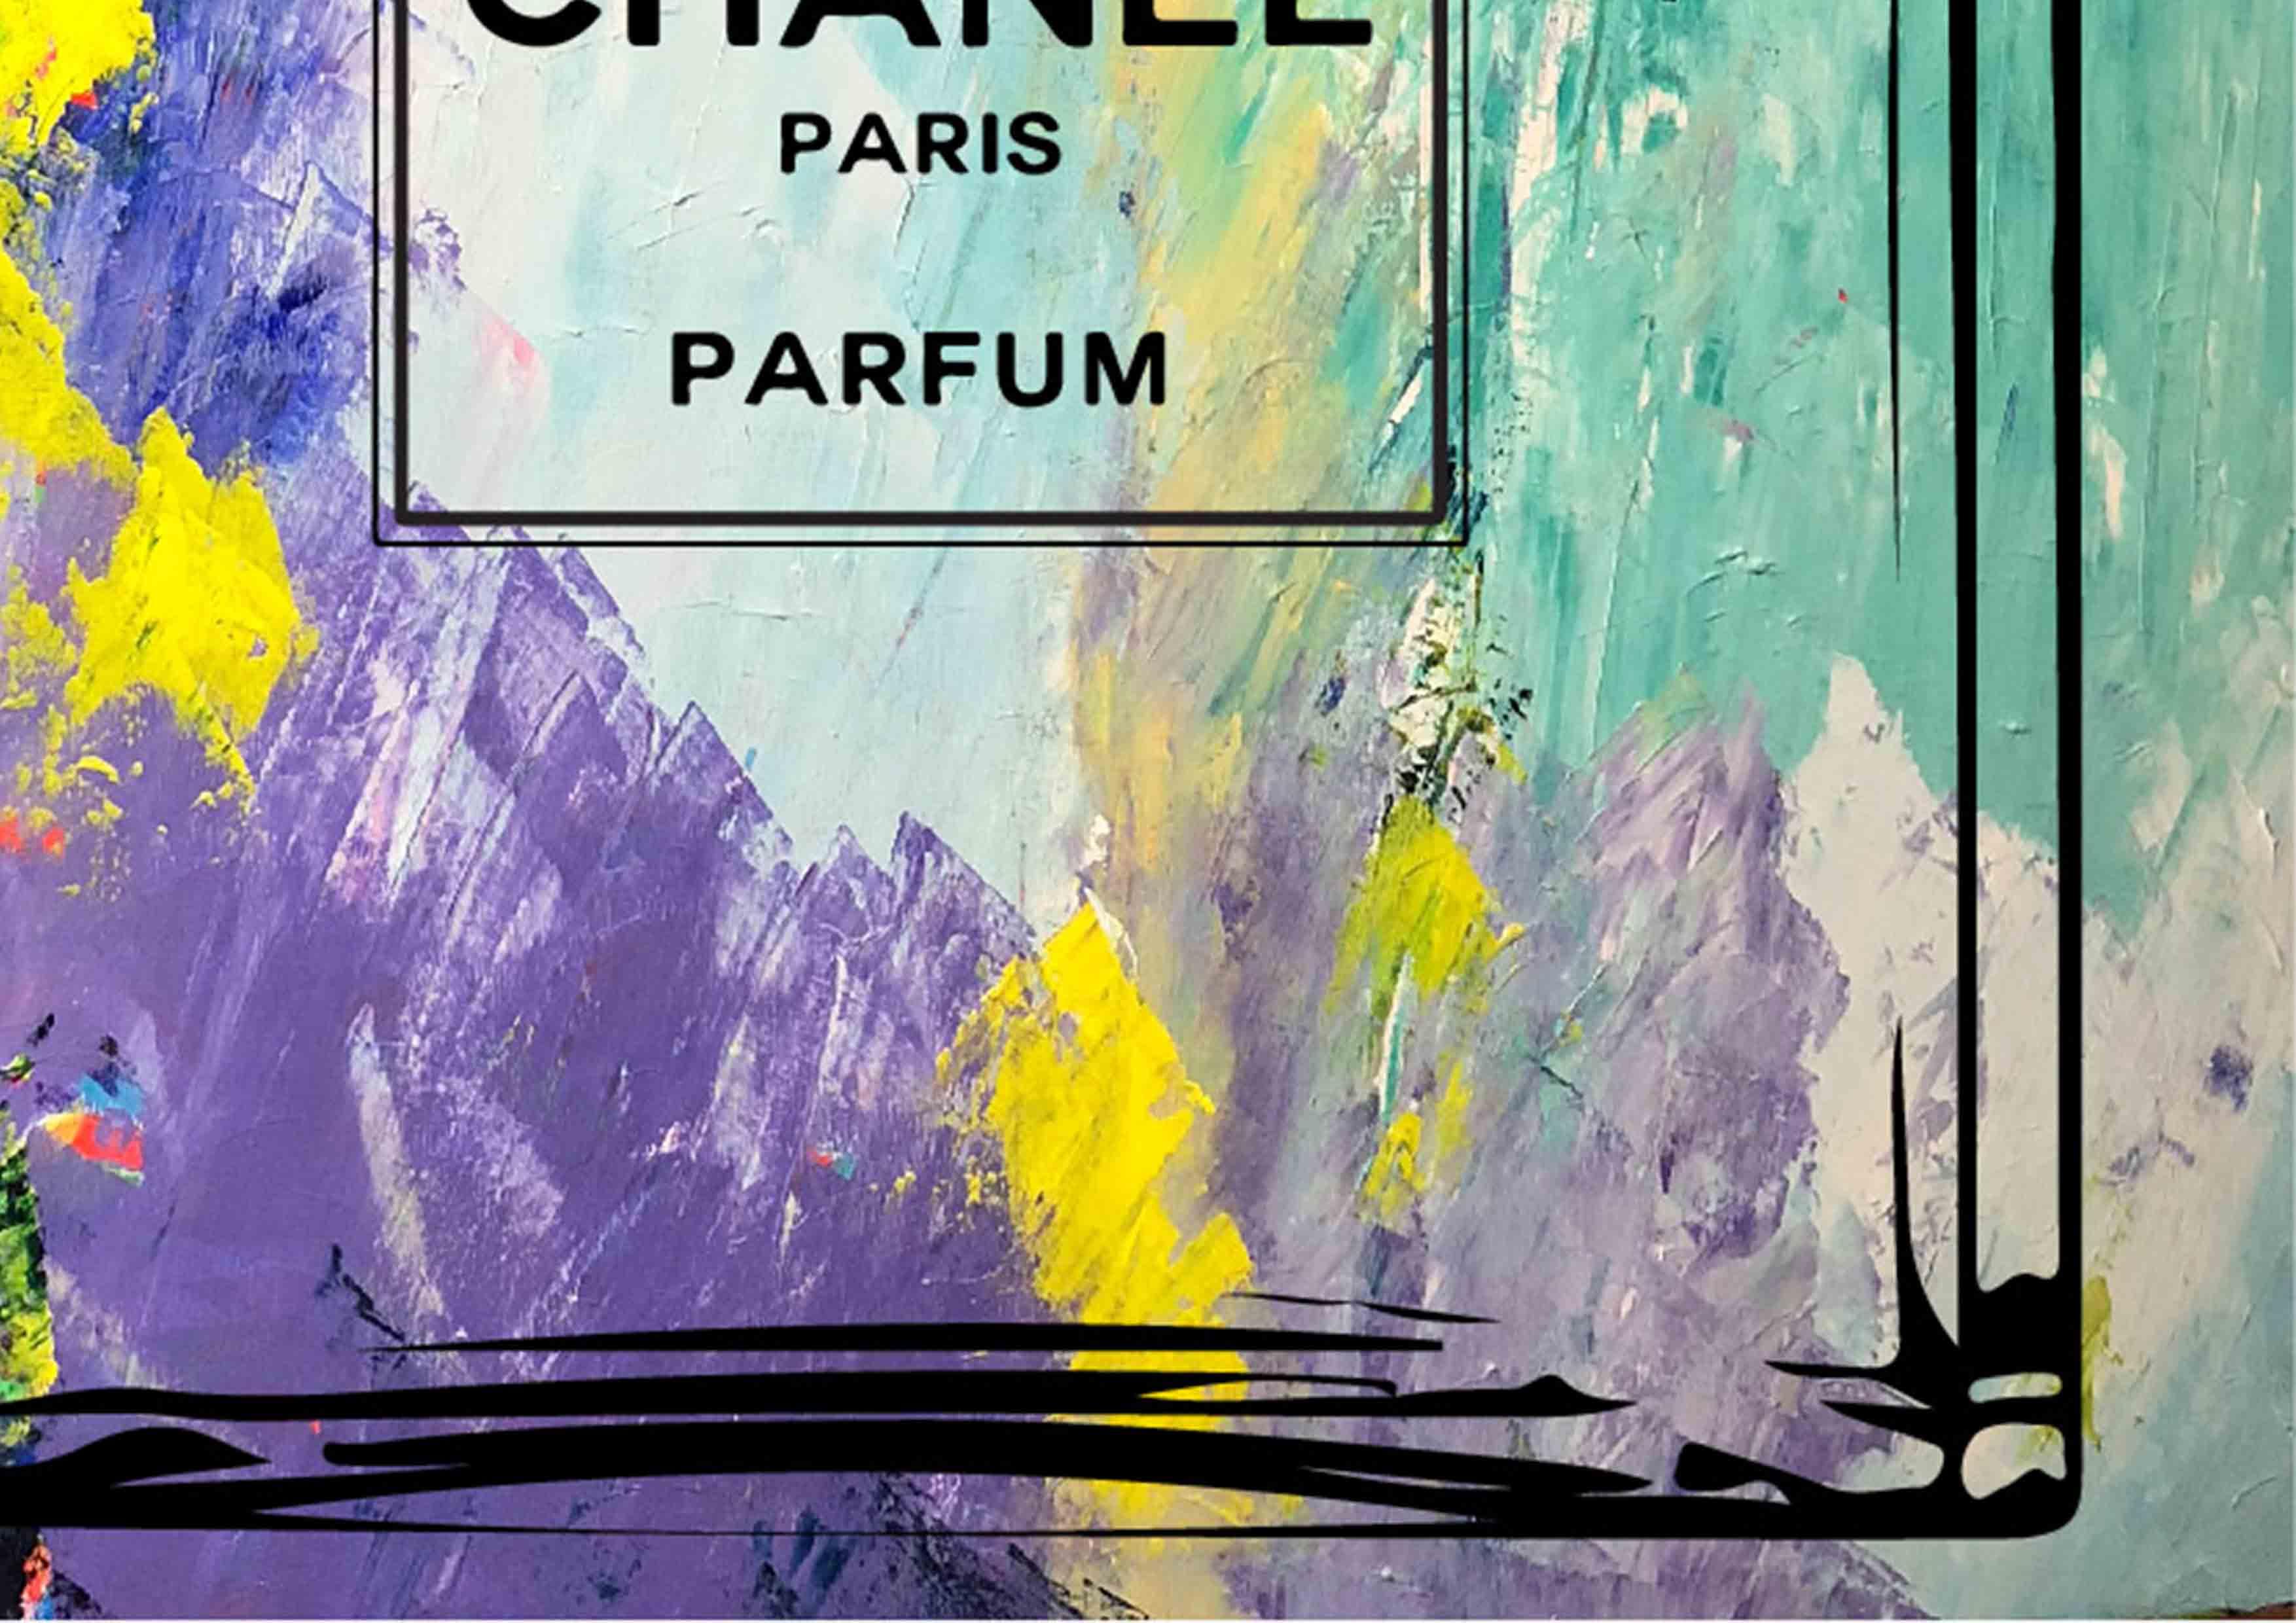 ART-PAINT-CHANEL-HUELE-COPACABANA-CANVAS-DETAIL-2